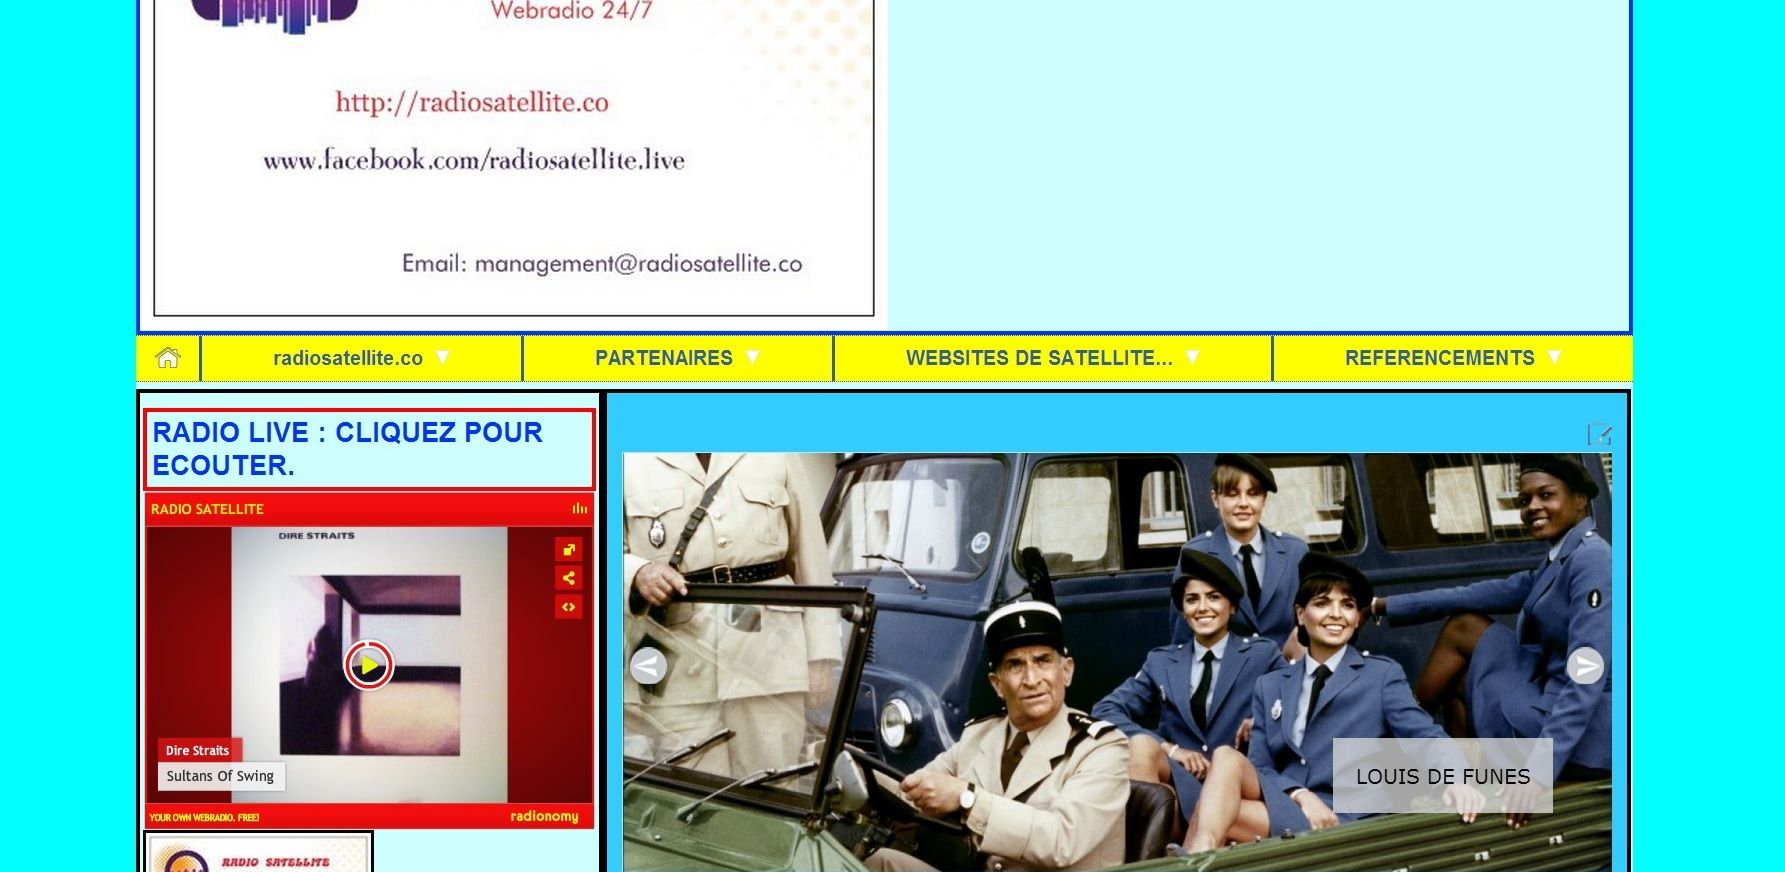 http://radiosatellite.canalblog.com